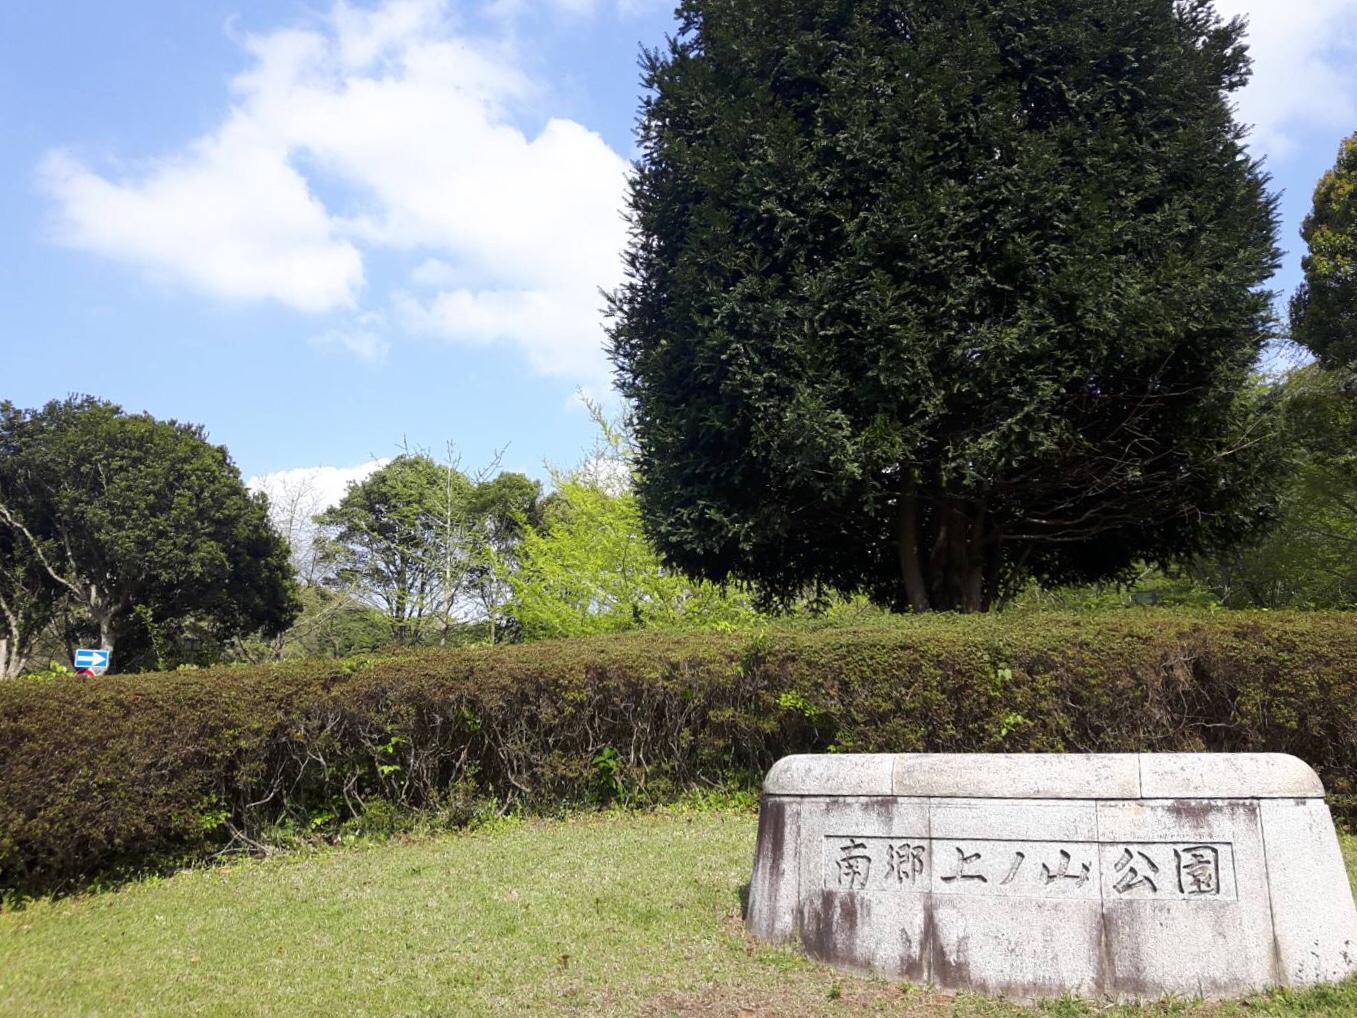 美しい芝と木々の緑が広がる